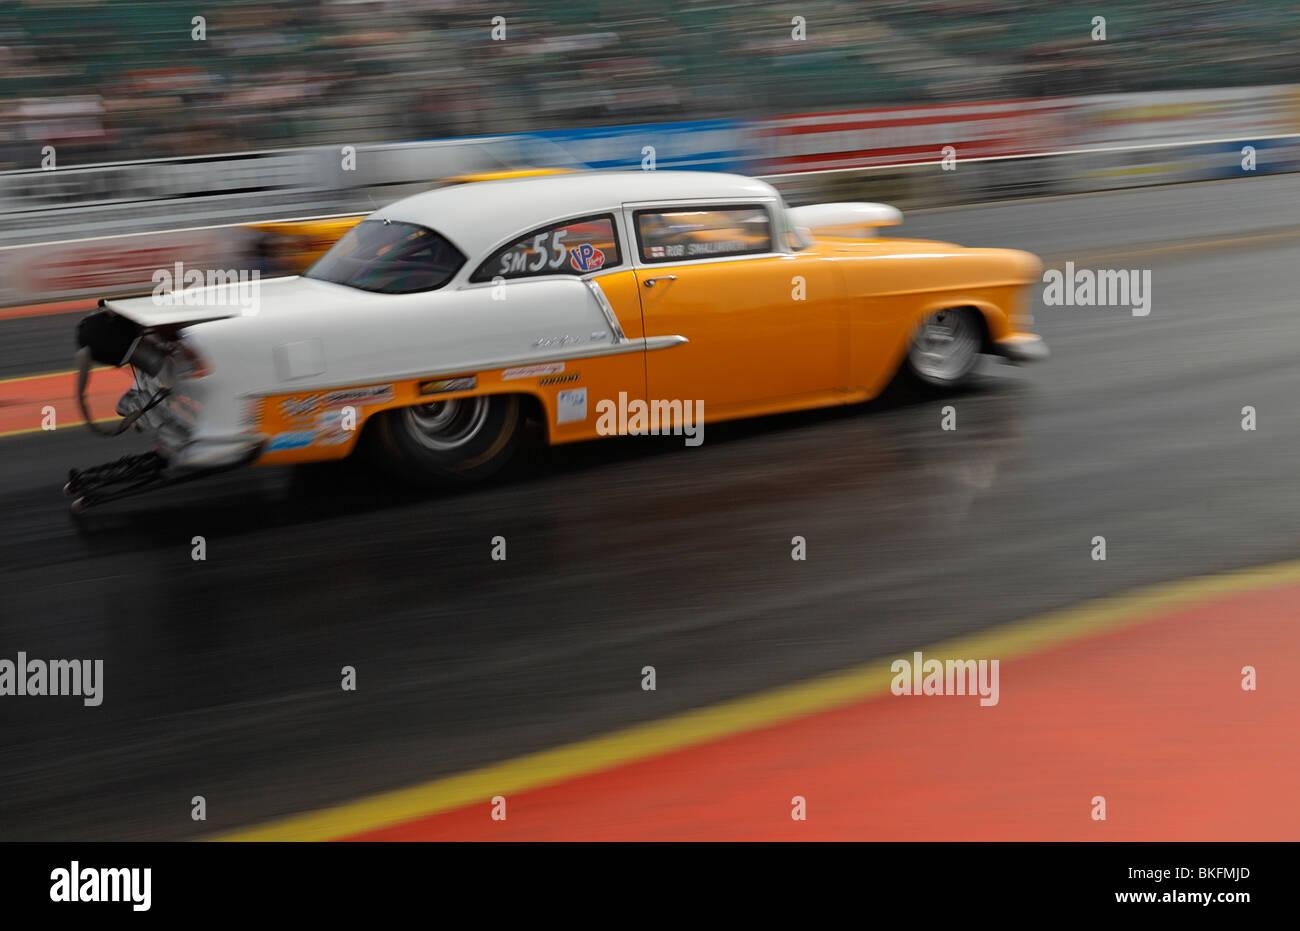 Course d'accélération, la voiture conduite par Rob Smallworth avec blur et le mouvement. Photo Stock